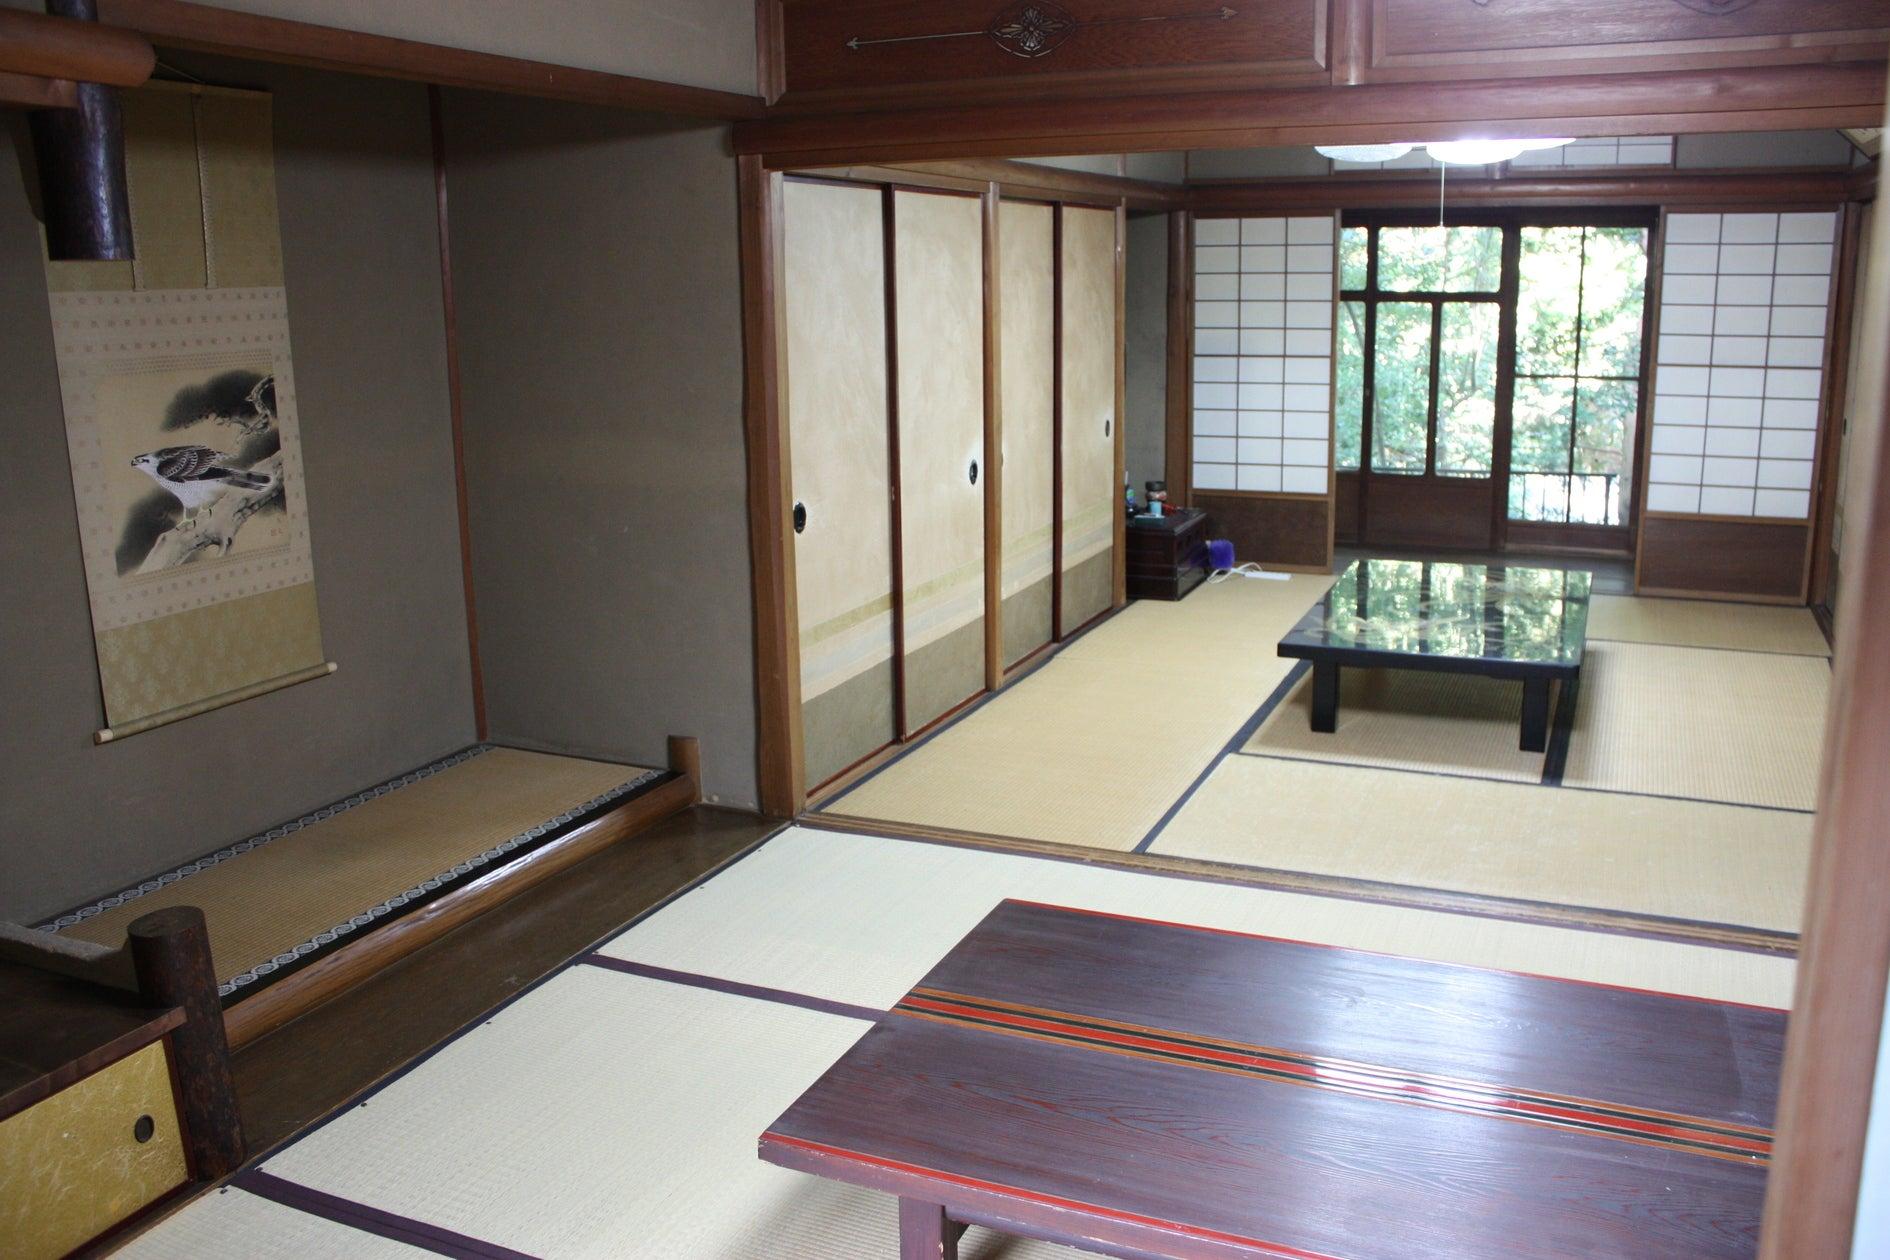 日ノ岡夷谷町【蹴上駅・徒歩6分】お茶室・風格ある日本家屋の希少なレンタルスペース